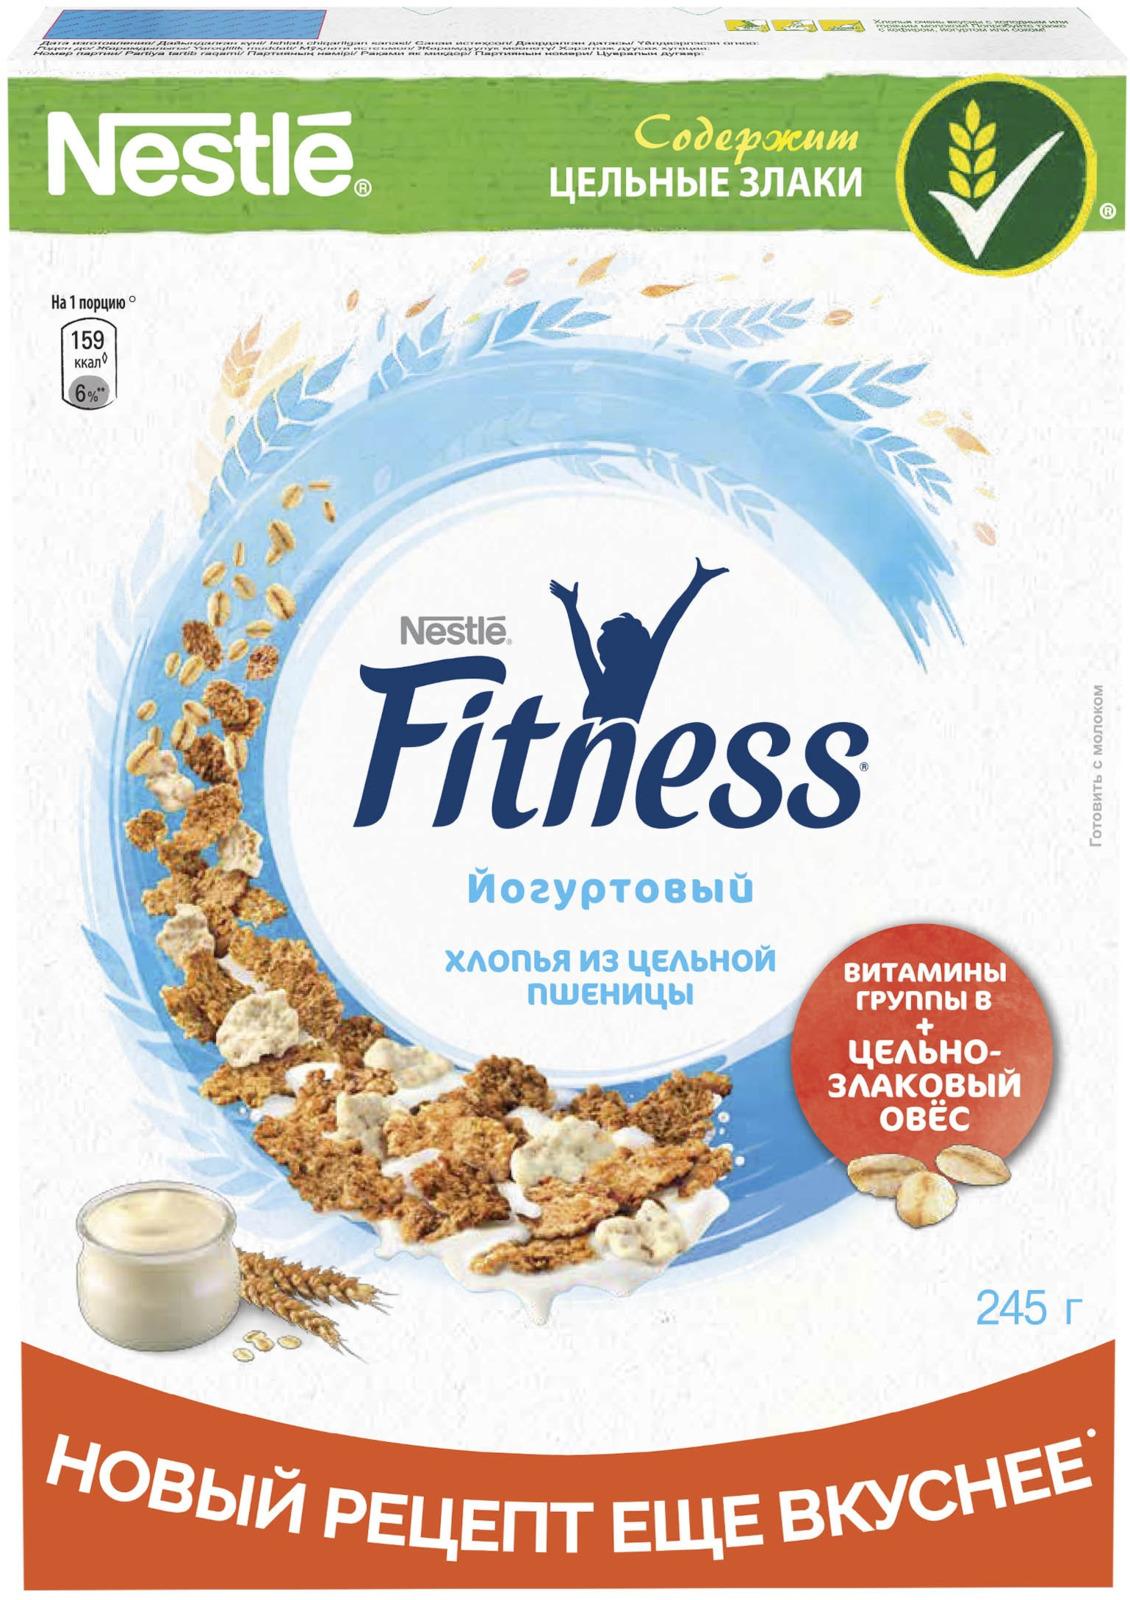 Фото - Fitness Хлопья с йогуртом готовый завтрак, 245 г nestle fitness хлопья из цельной пшеницы готовый завтрак 250 г пакет